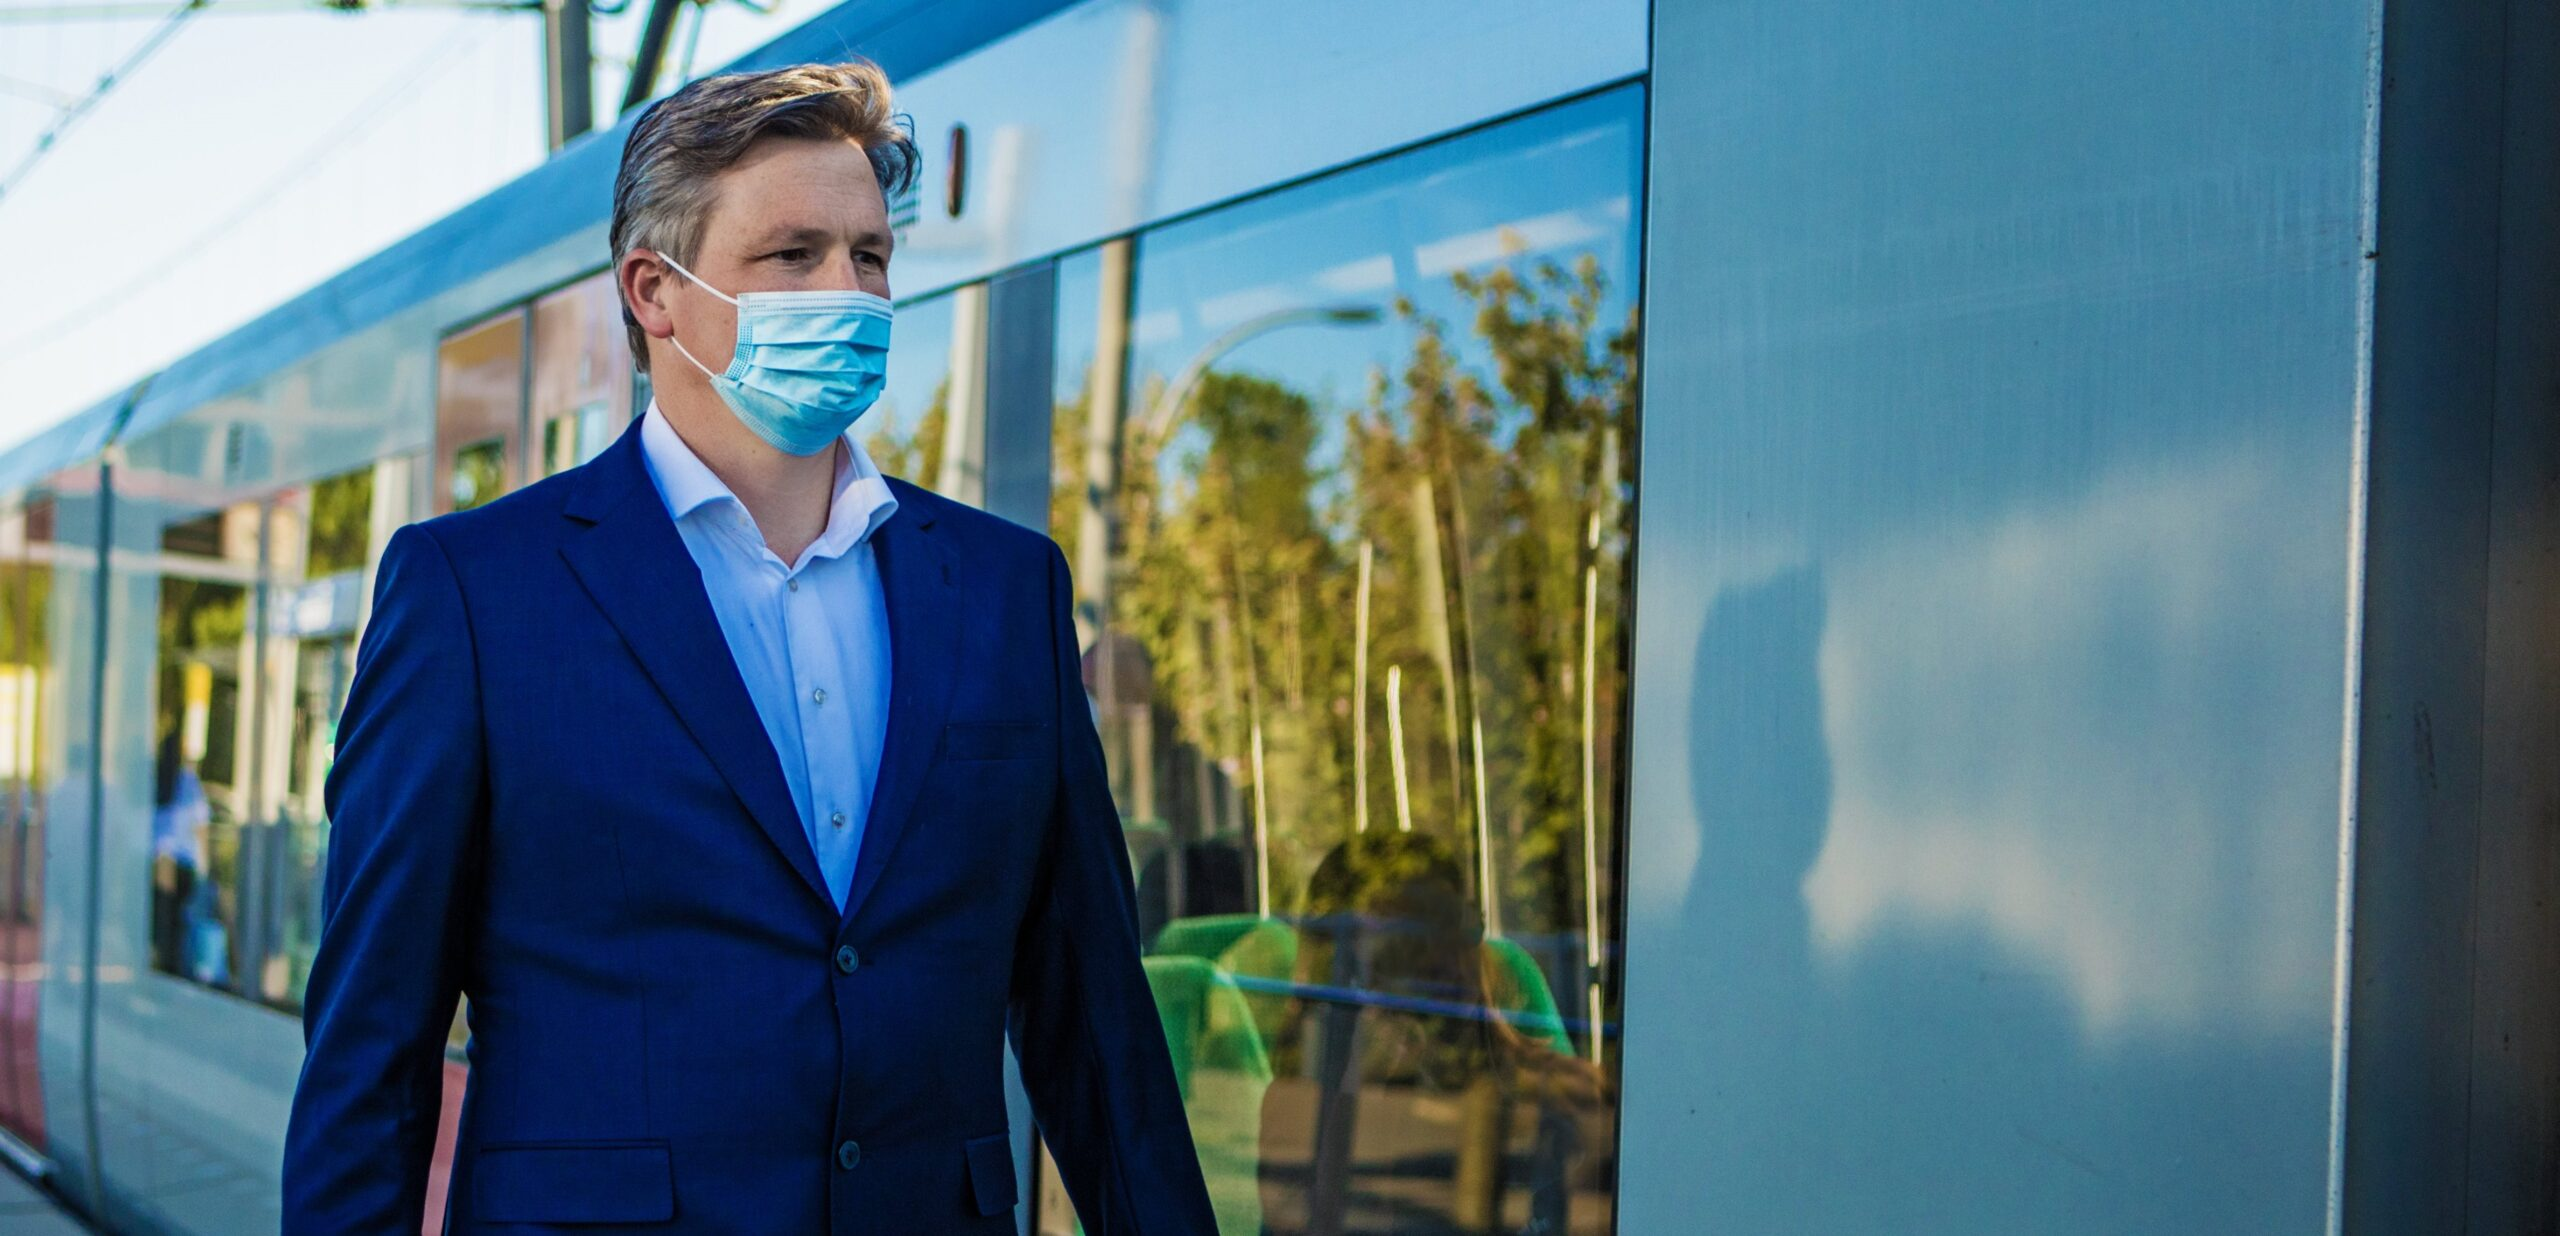 Van sok tot sjaal…de feiten over niet-medische mondkapjes in het ov